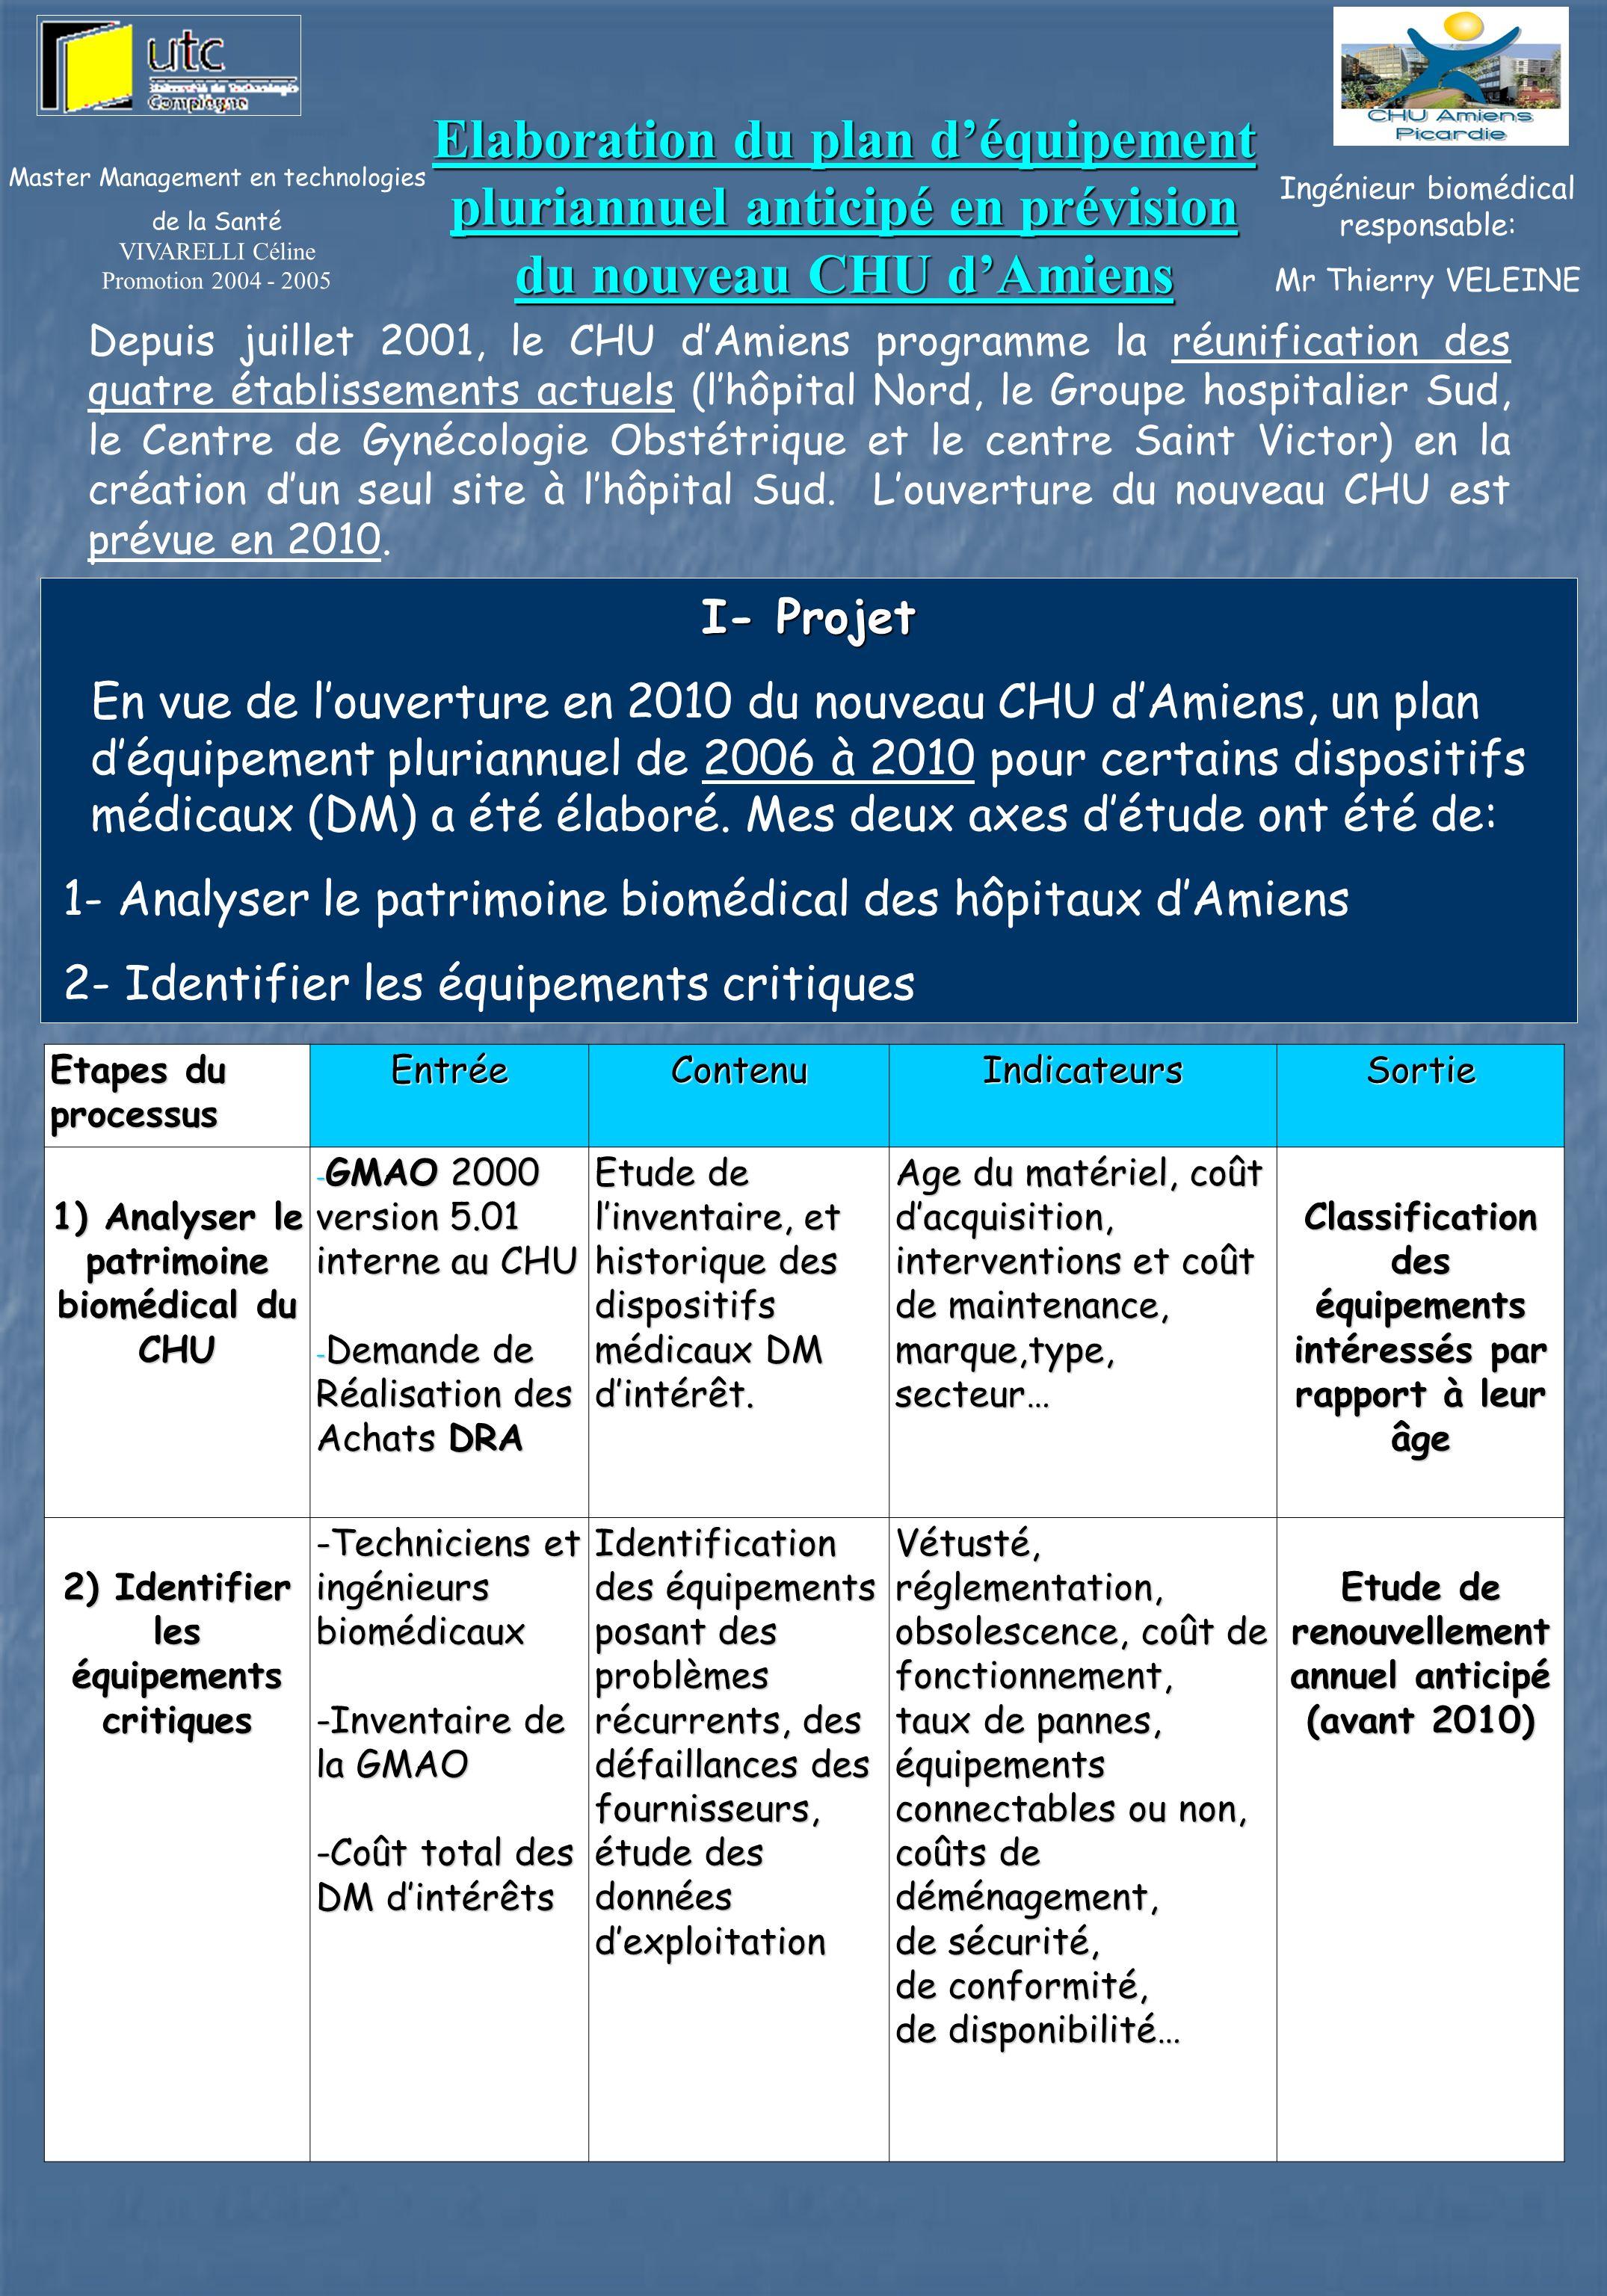 Depuis juillet 2001, le CHU d'Amiens programme la réunification des quatre établissements actuels (l'hôpital Nord, le Groupe hospitalier Sud, le Centre de Gynécologie Obstétrique et le centre Saint Victor) en la création d'un seul site à l'hôpital Sud. L'ouverture du nouveau CHU est prévue en 2010.